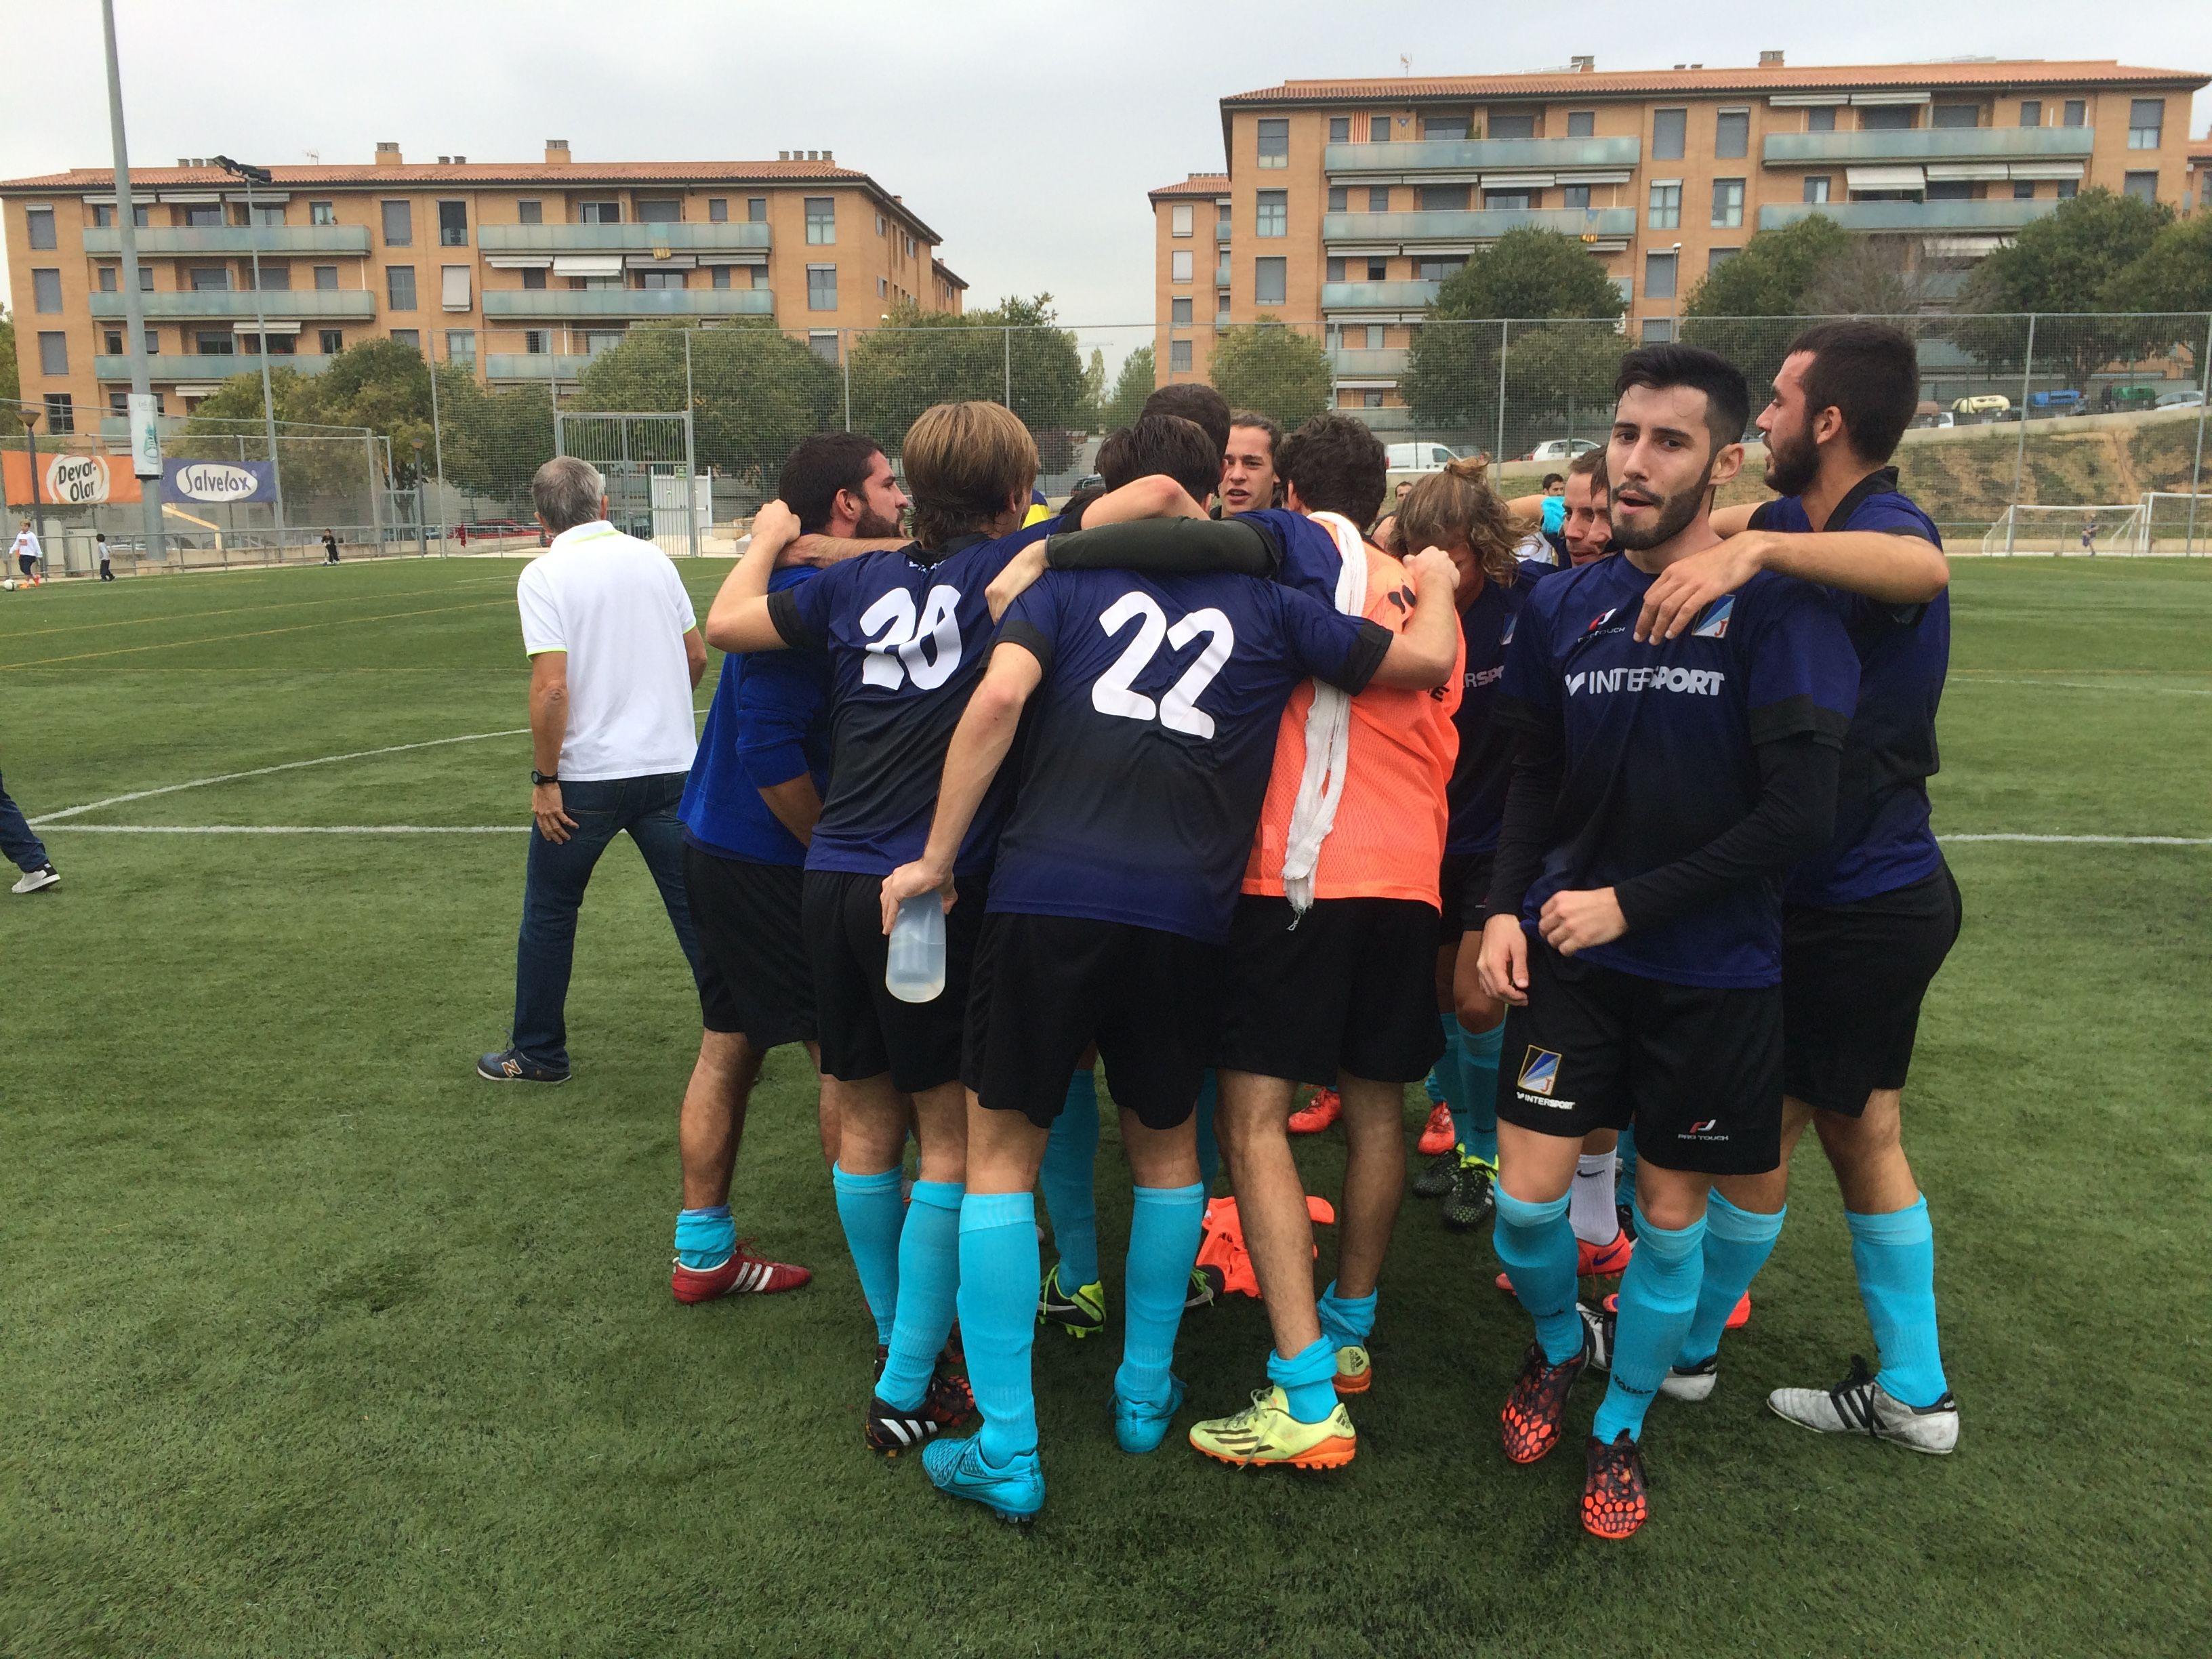 Els jugadors del Junior FC celebrant, després del partit, la victòria (1-2) al camp del Sant Cugat Esport FC. FOTO: À. L. P.